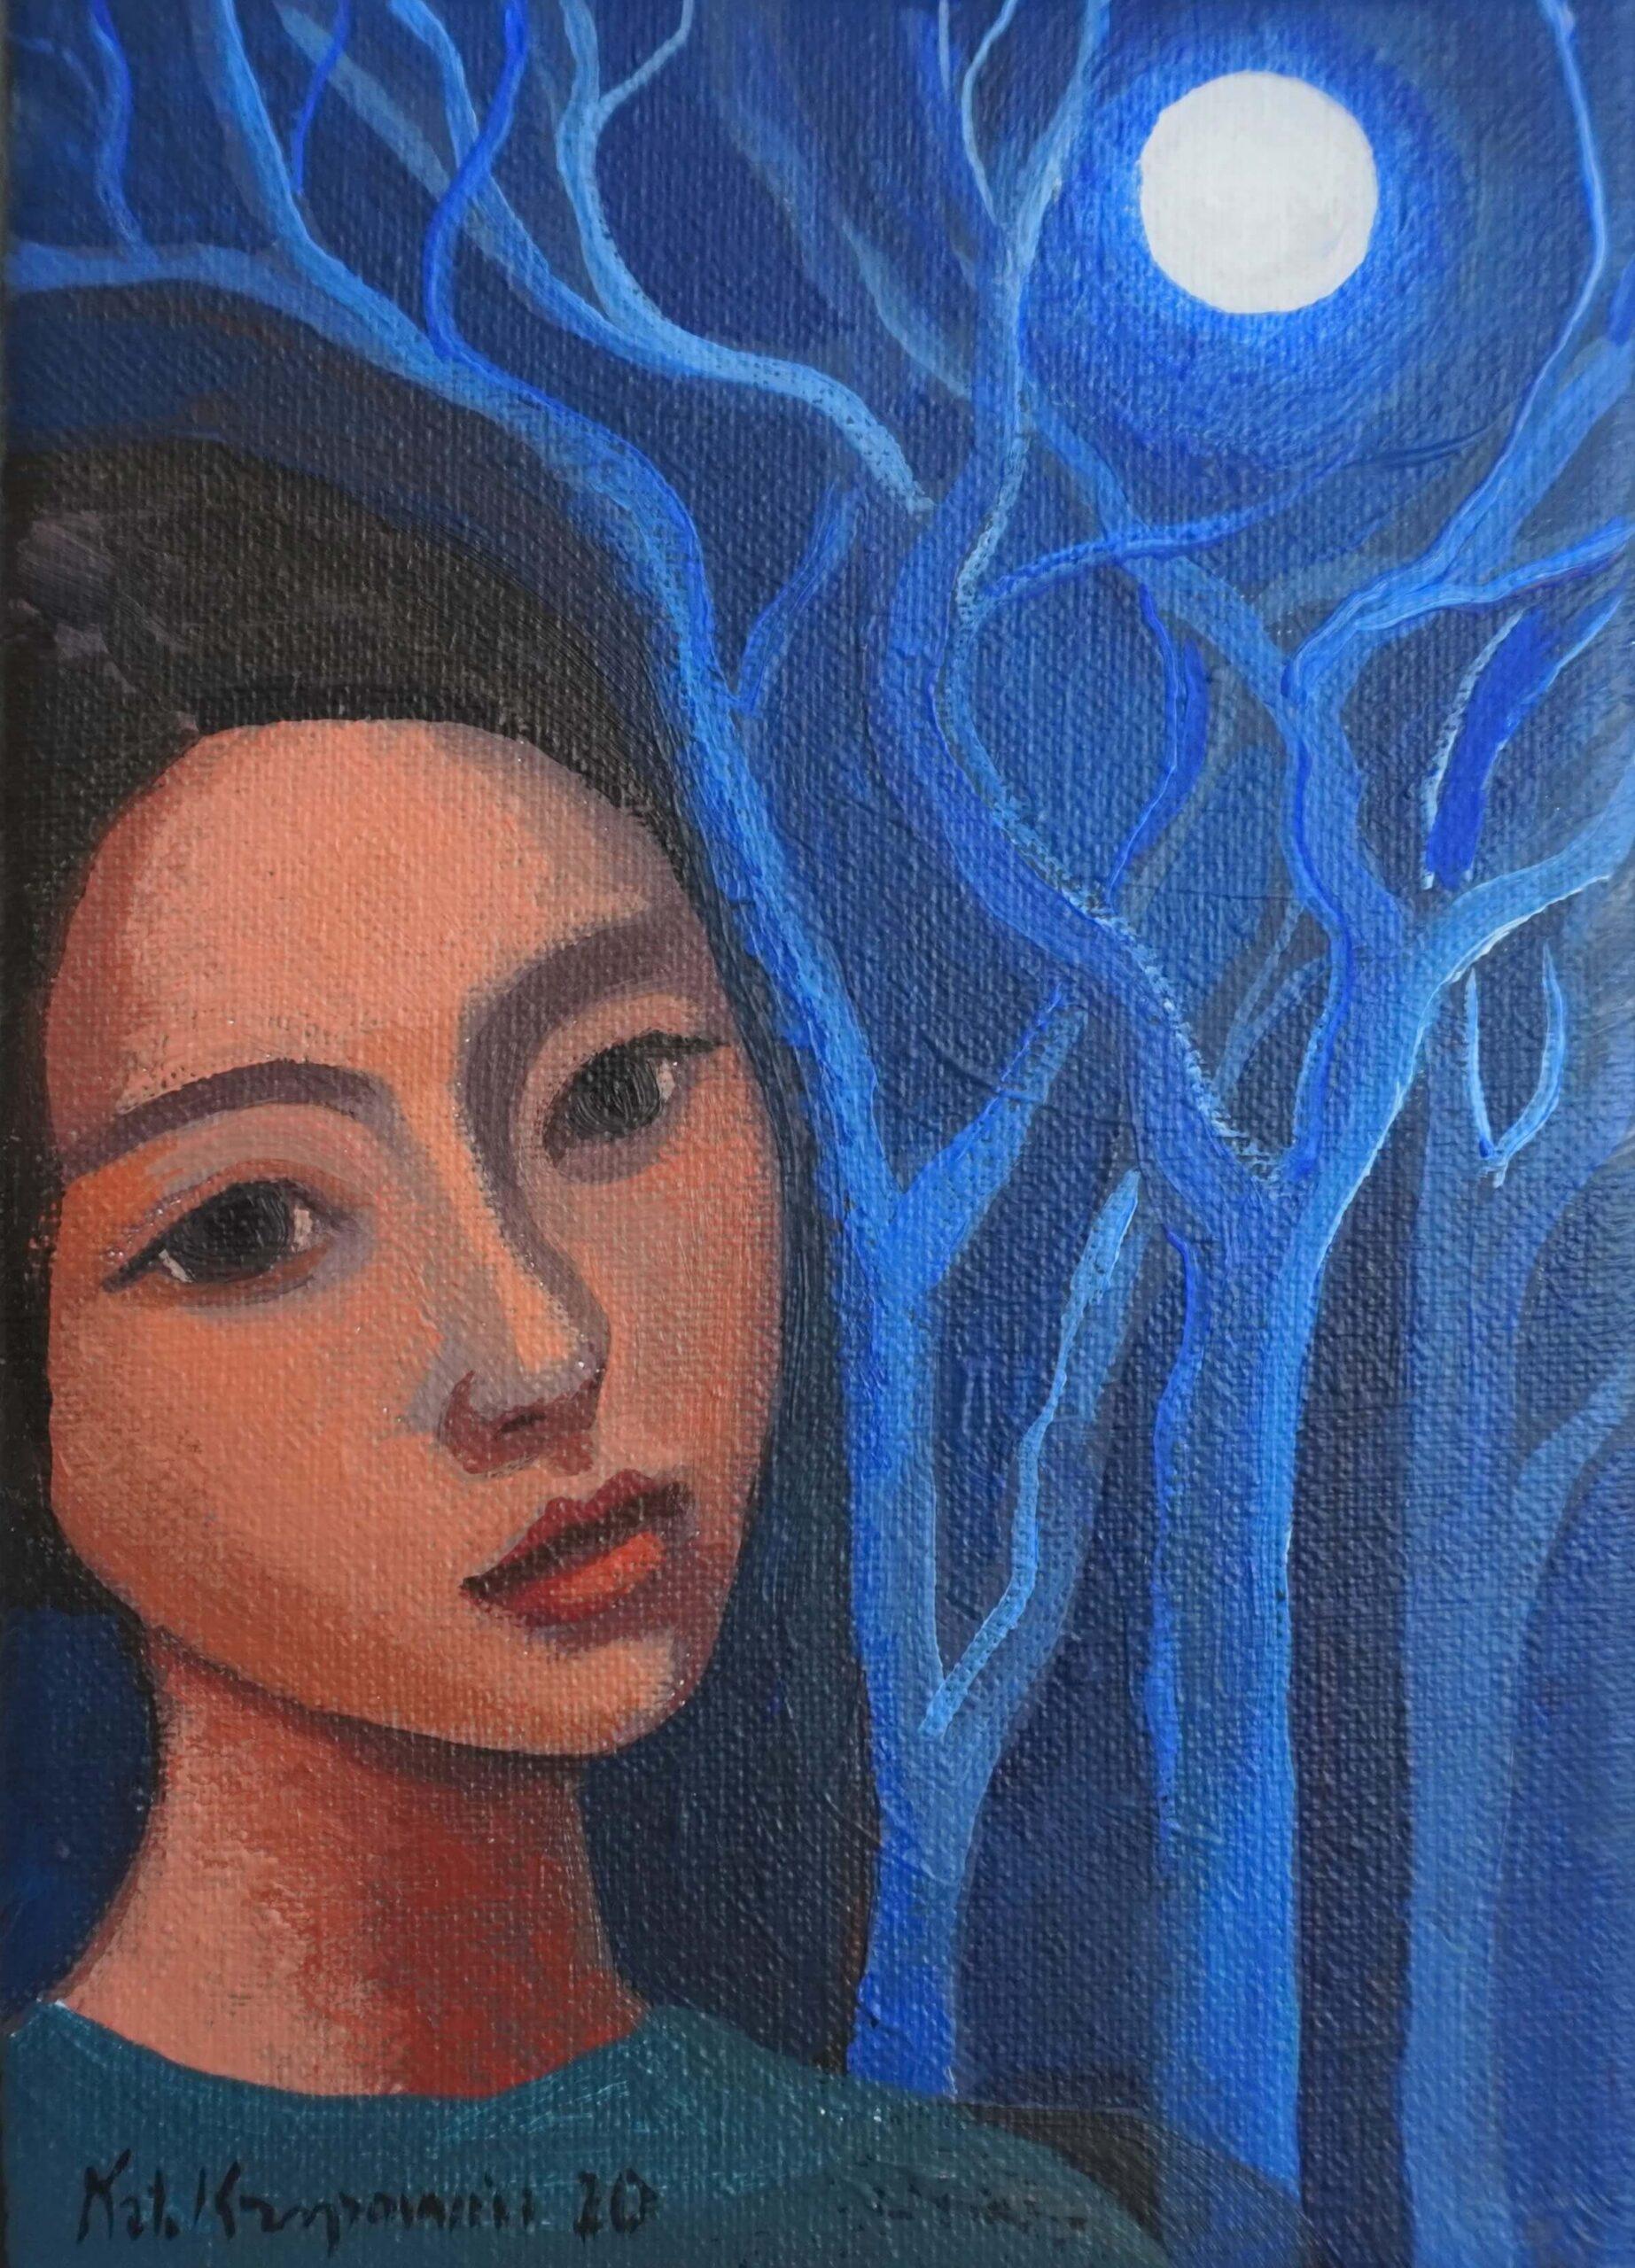 """Katarzyna Karpowicz - """"Niebieskie drzewa"""", olej/płótno, 18 x 13 cm, 2020"""